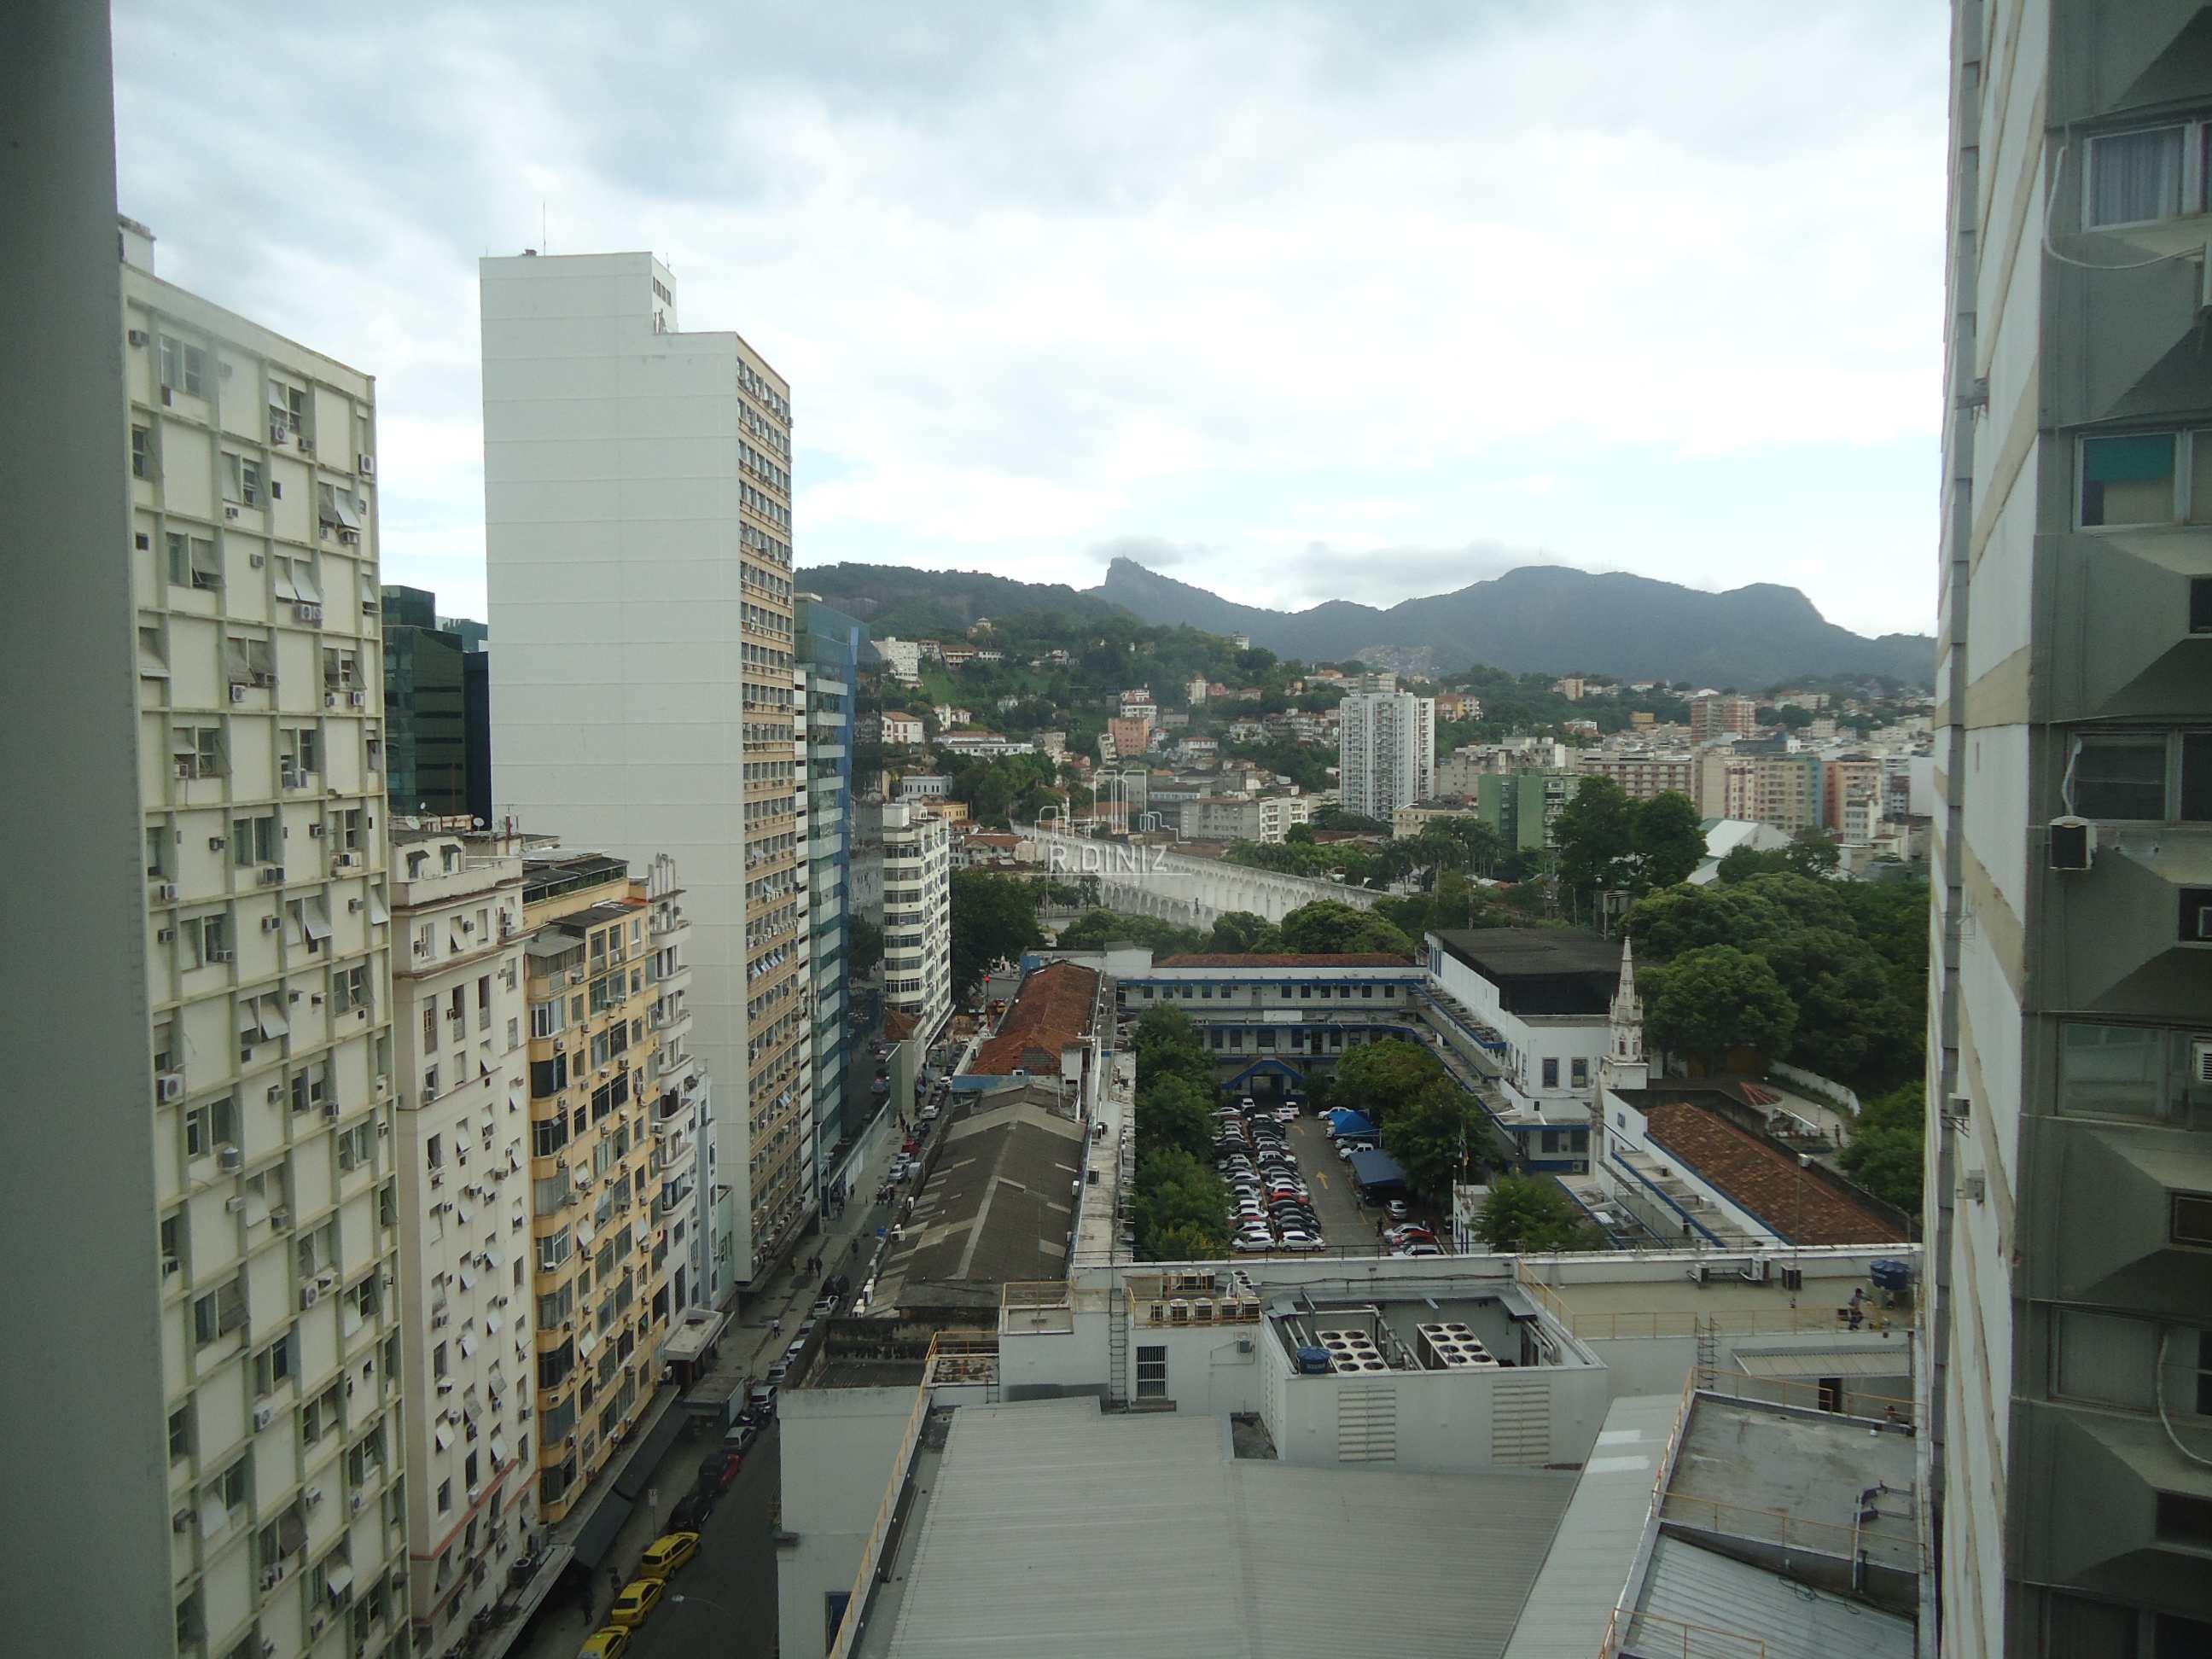 Centro, Cinelândia, Rua Senador Dantas, Andar corporativo, Aluguel, Rio de Janeiro, RJ - im011308 - 5